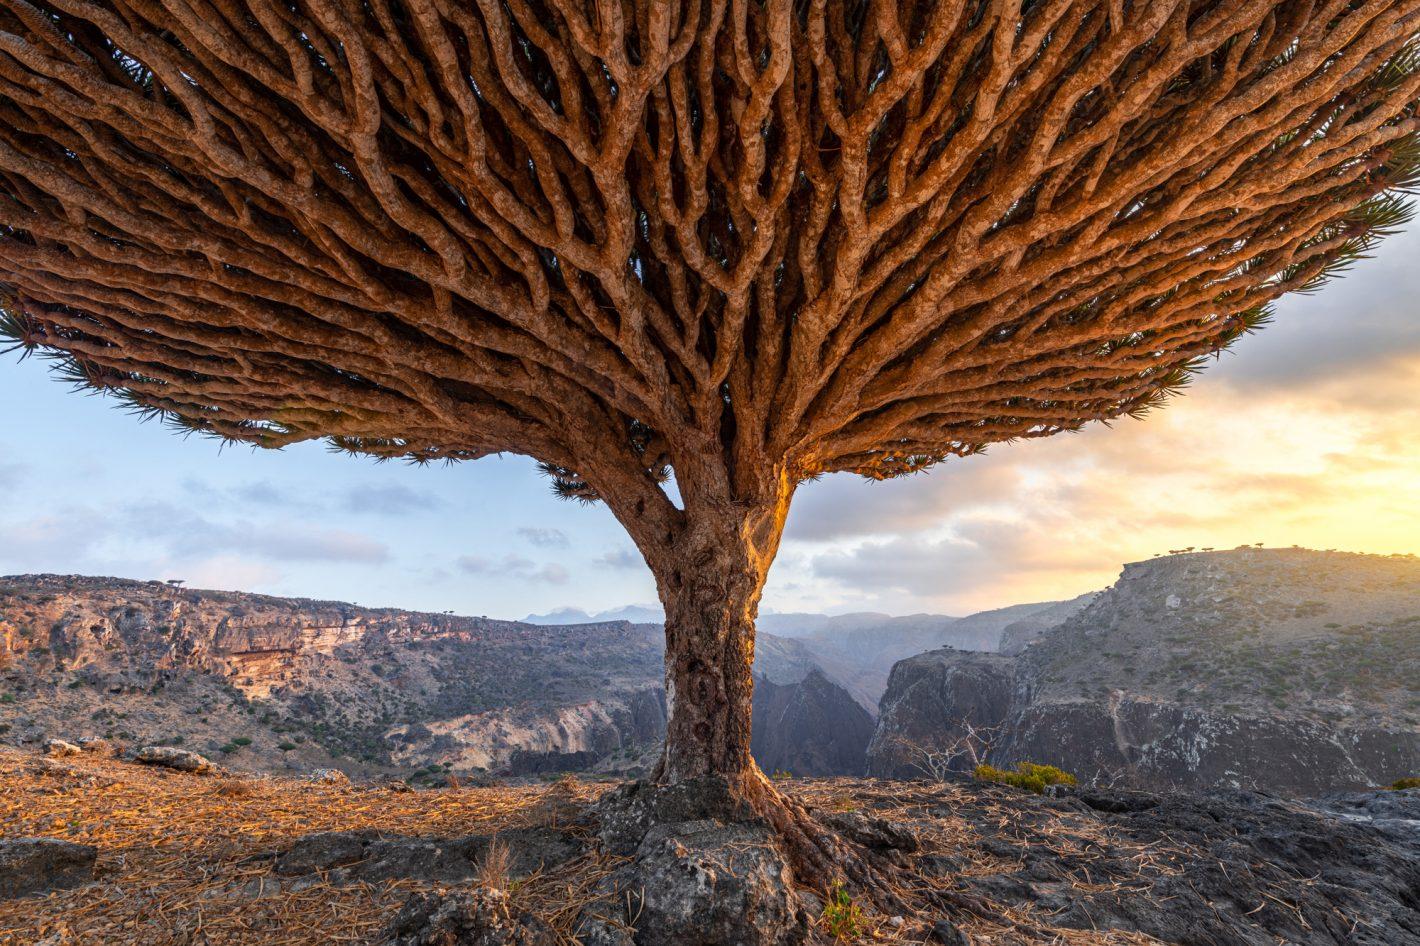 Dragonnier de Socotra : sur les traces de Marsel van Oosten